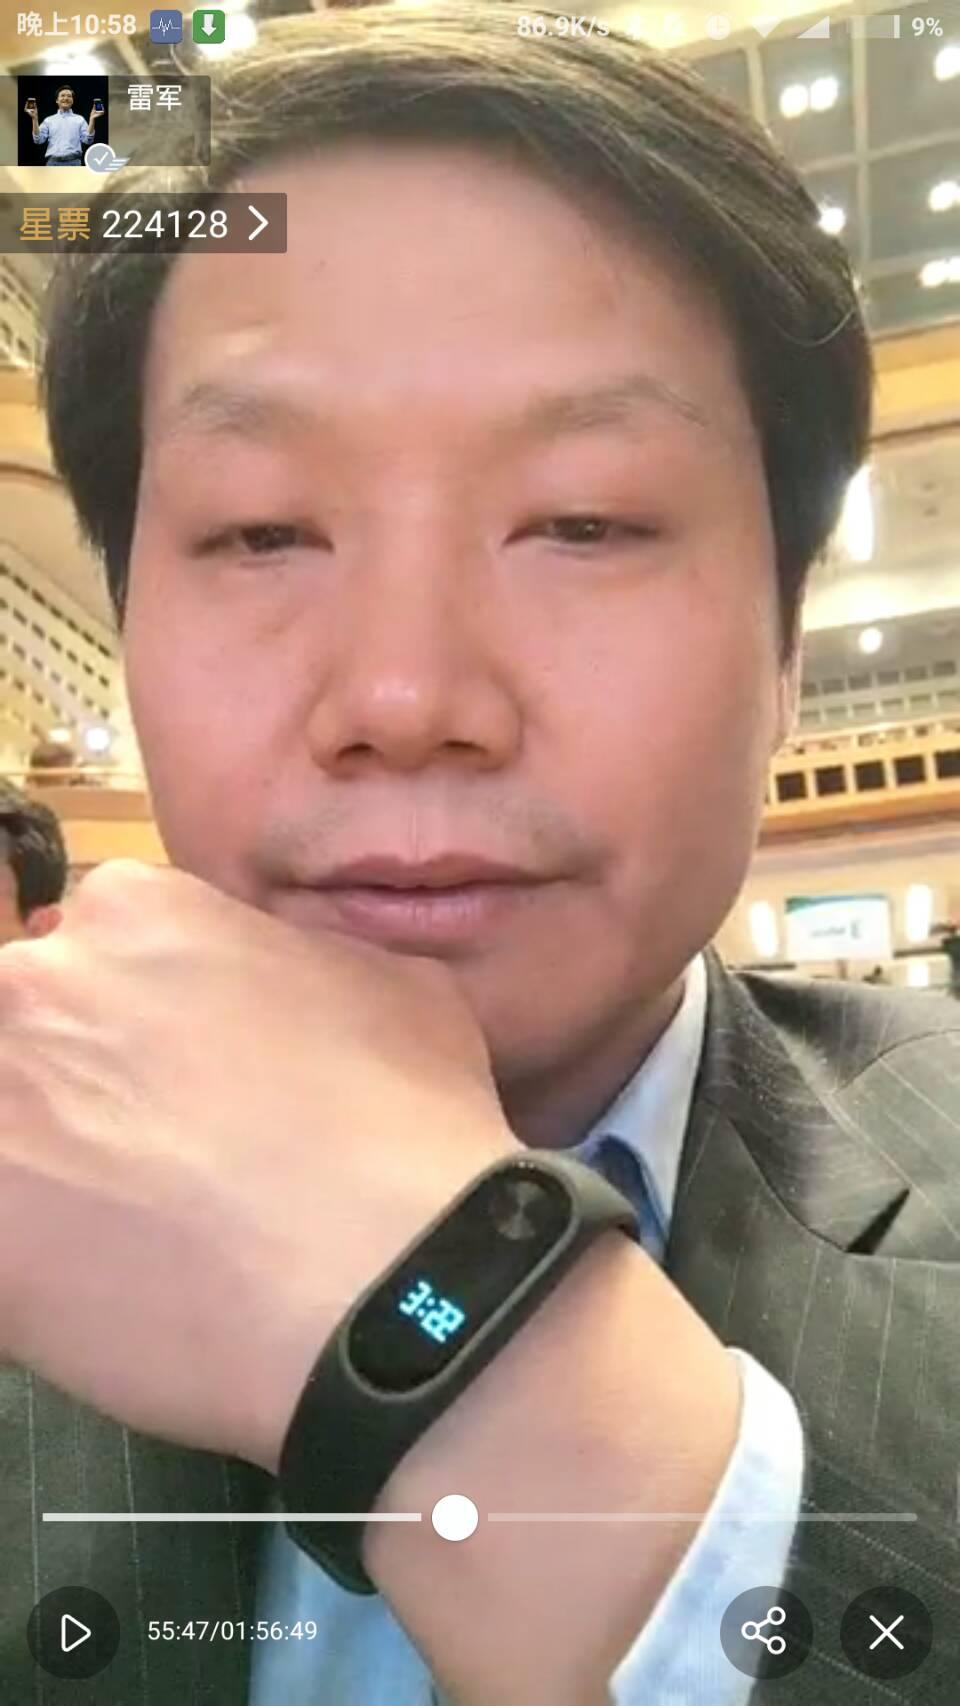 Xiaomi-Mi-Band-2-leak-Lei-Jun_1